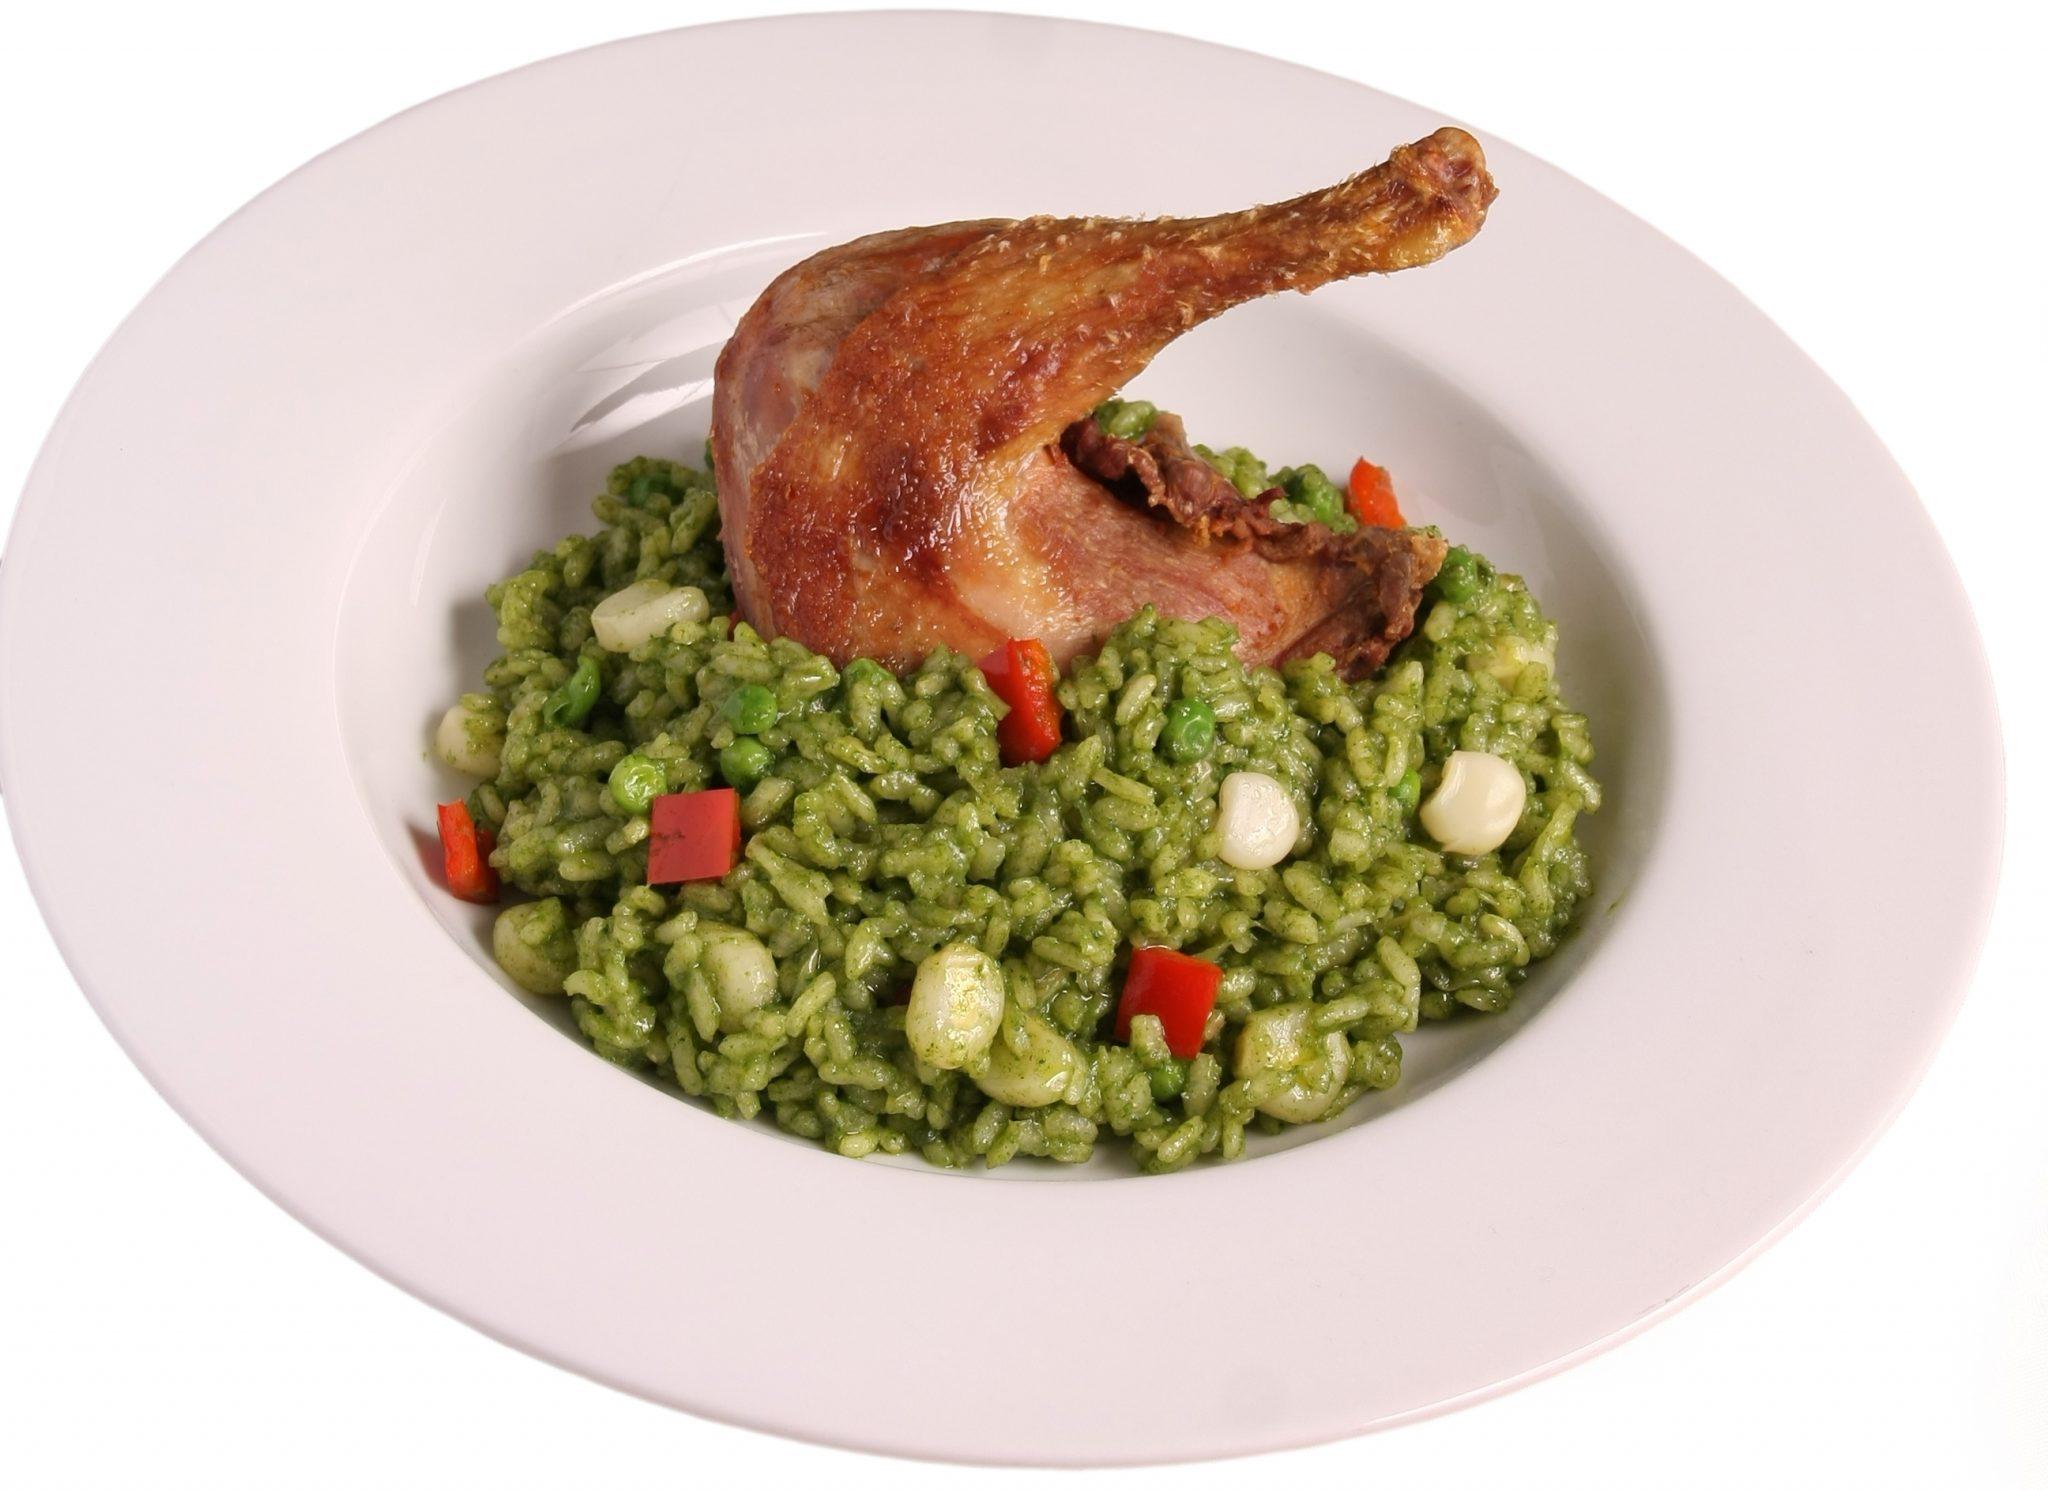 Arroz Con Pollo Recipe Receta Peru Delicias Peru Delights